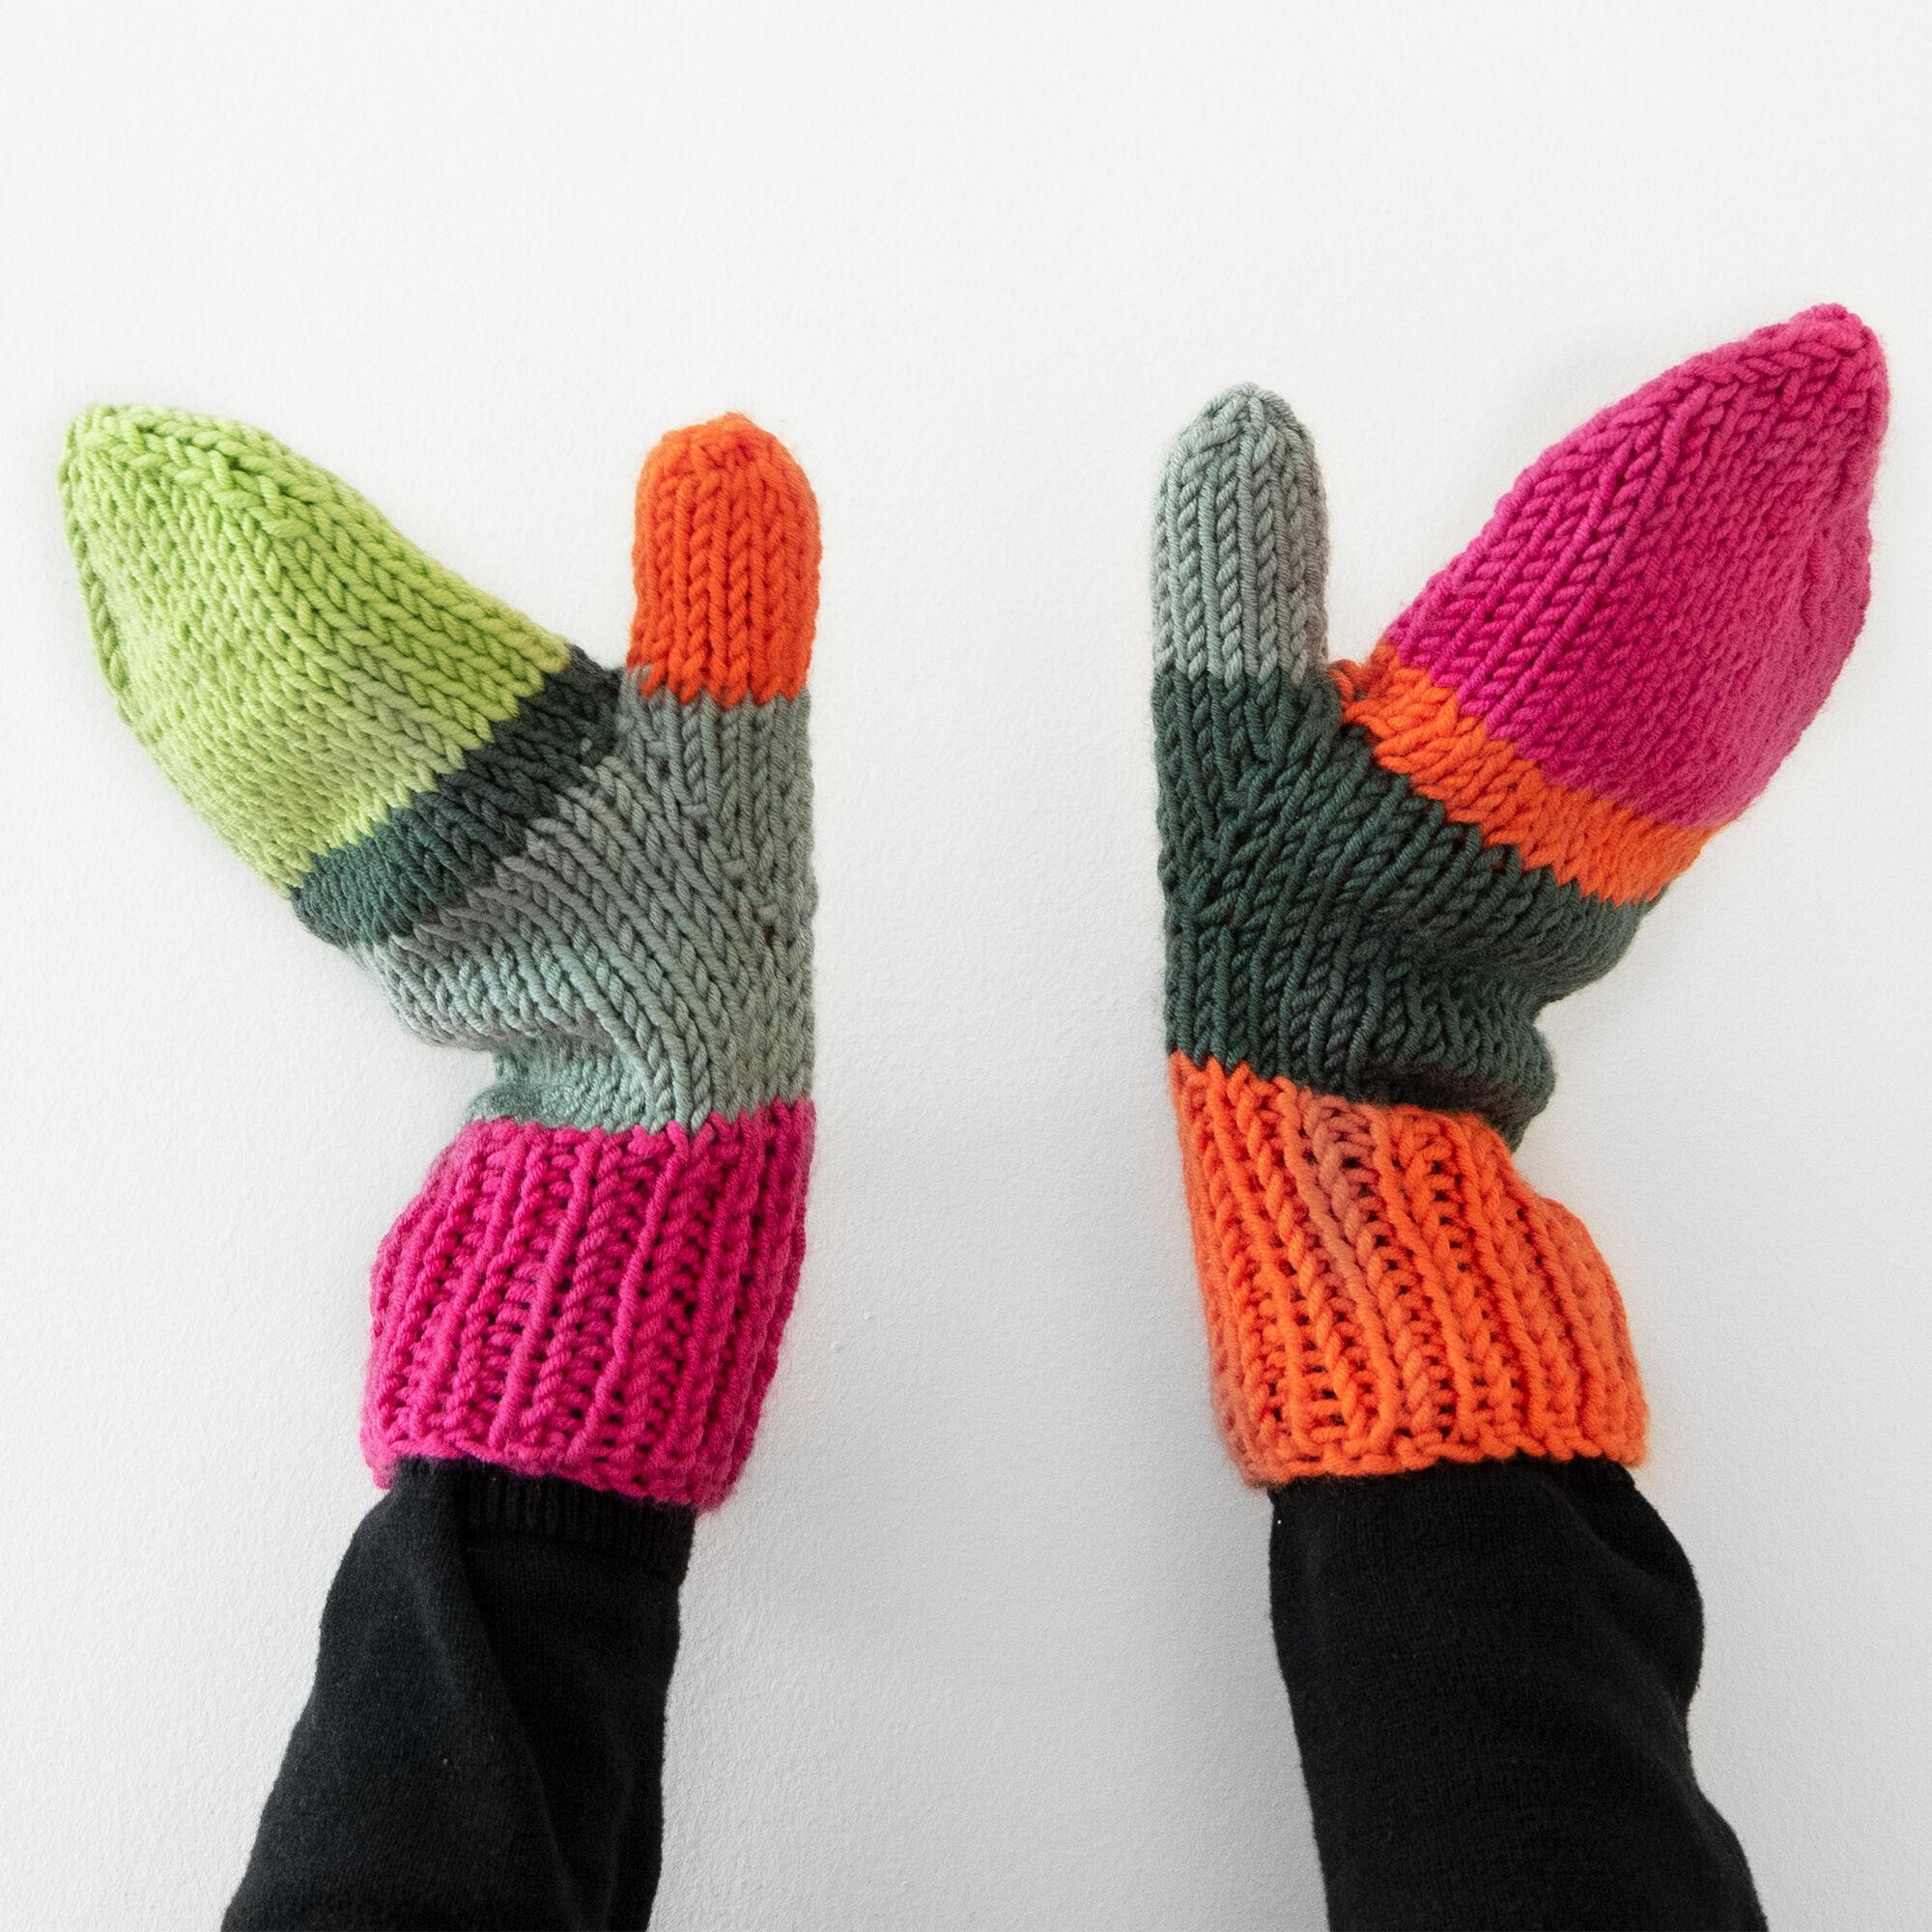 Caron x Pantone Find a Match Knit Mittens Pattern   Yarnspirations